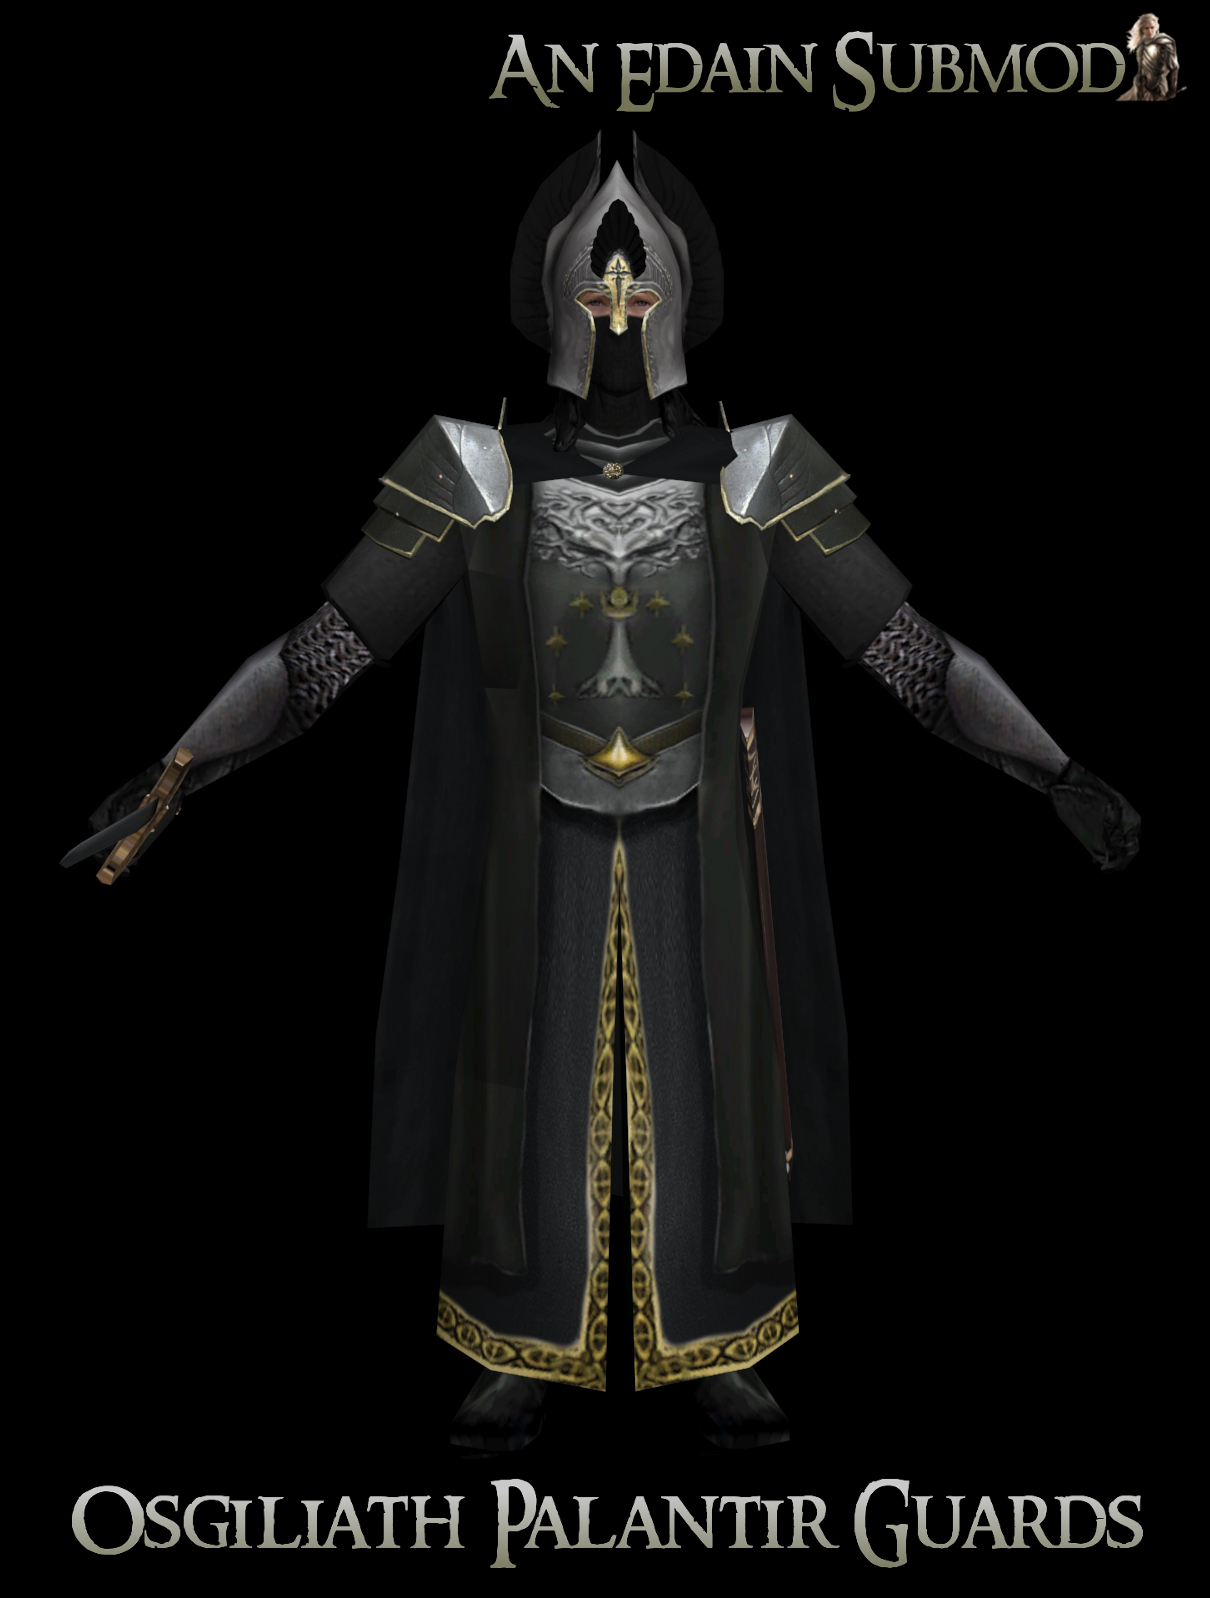 Osgiliath Palantir Guards (Imroved) image - An Edain SubMod for